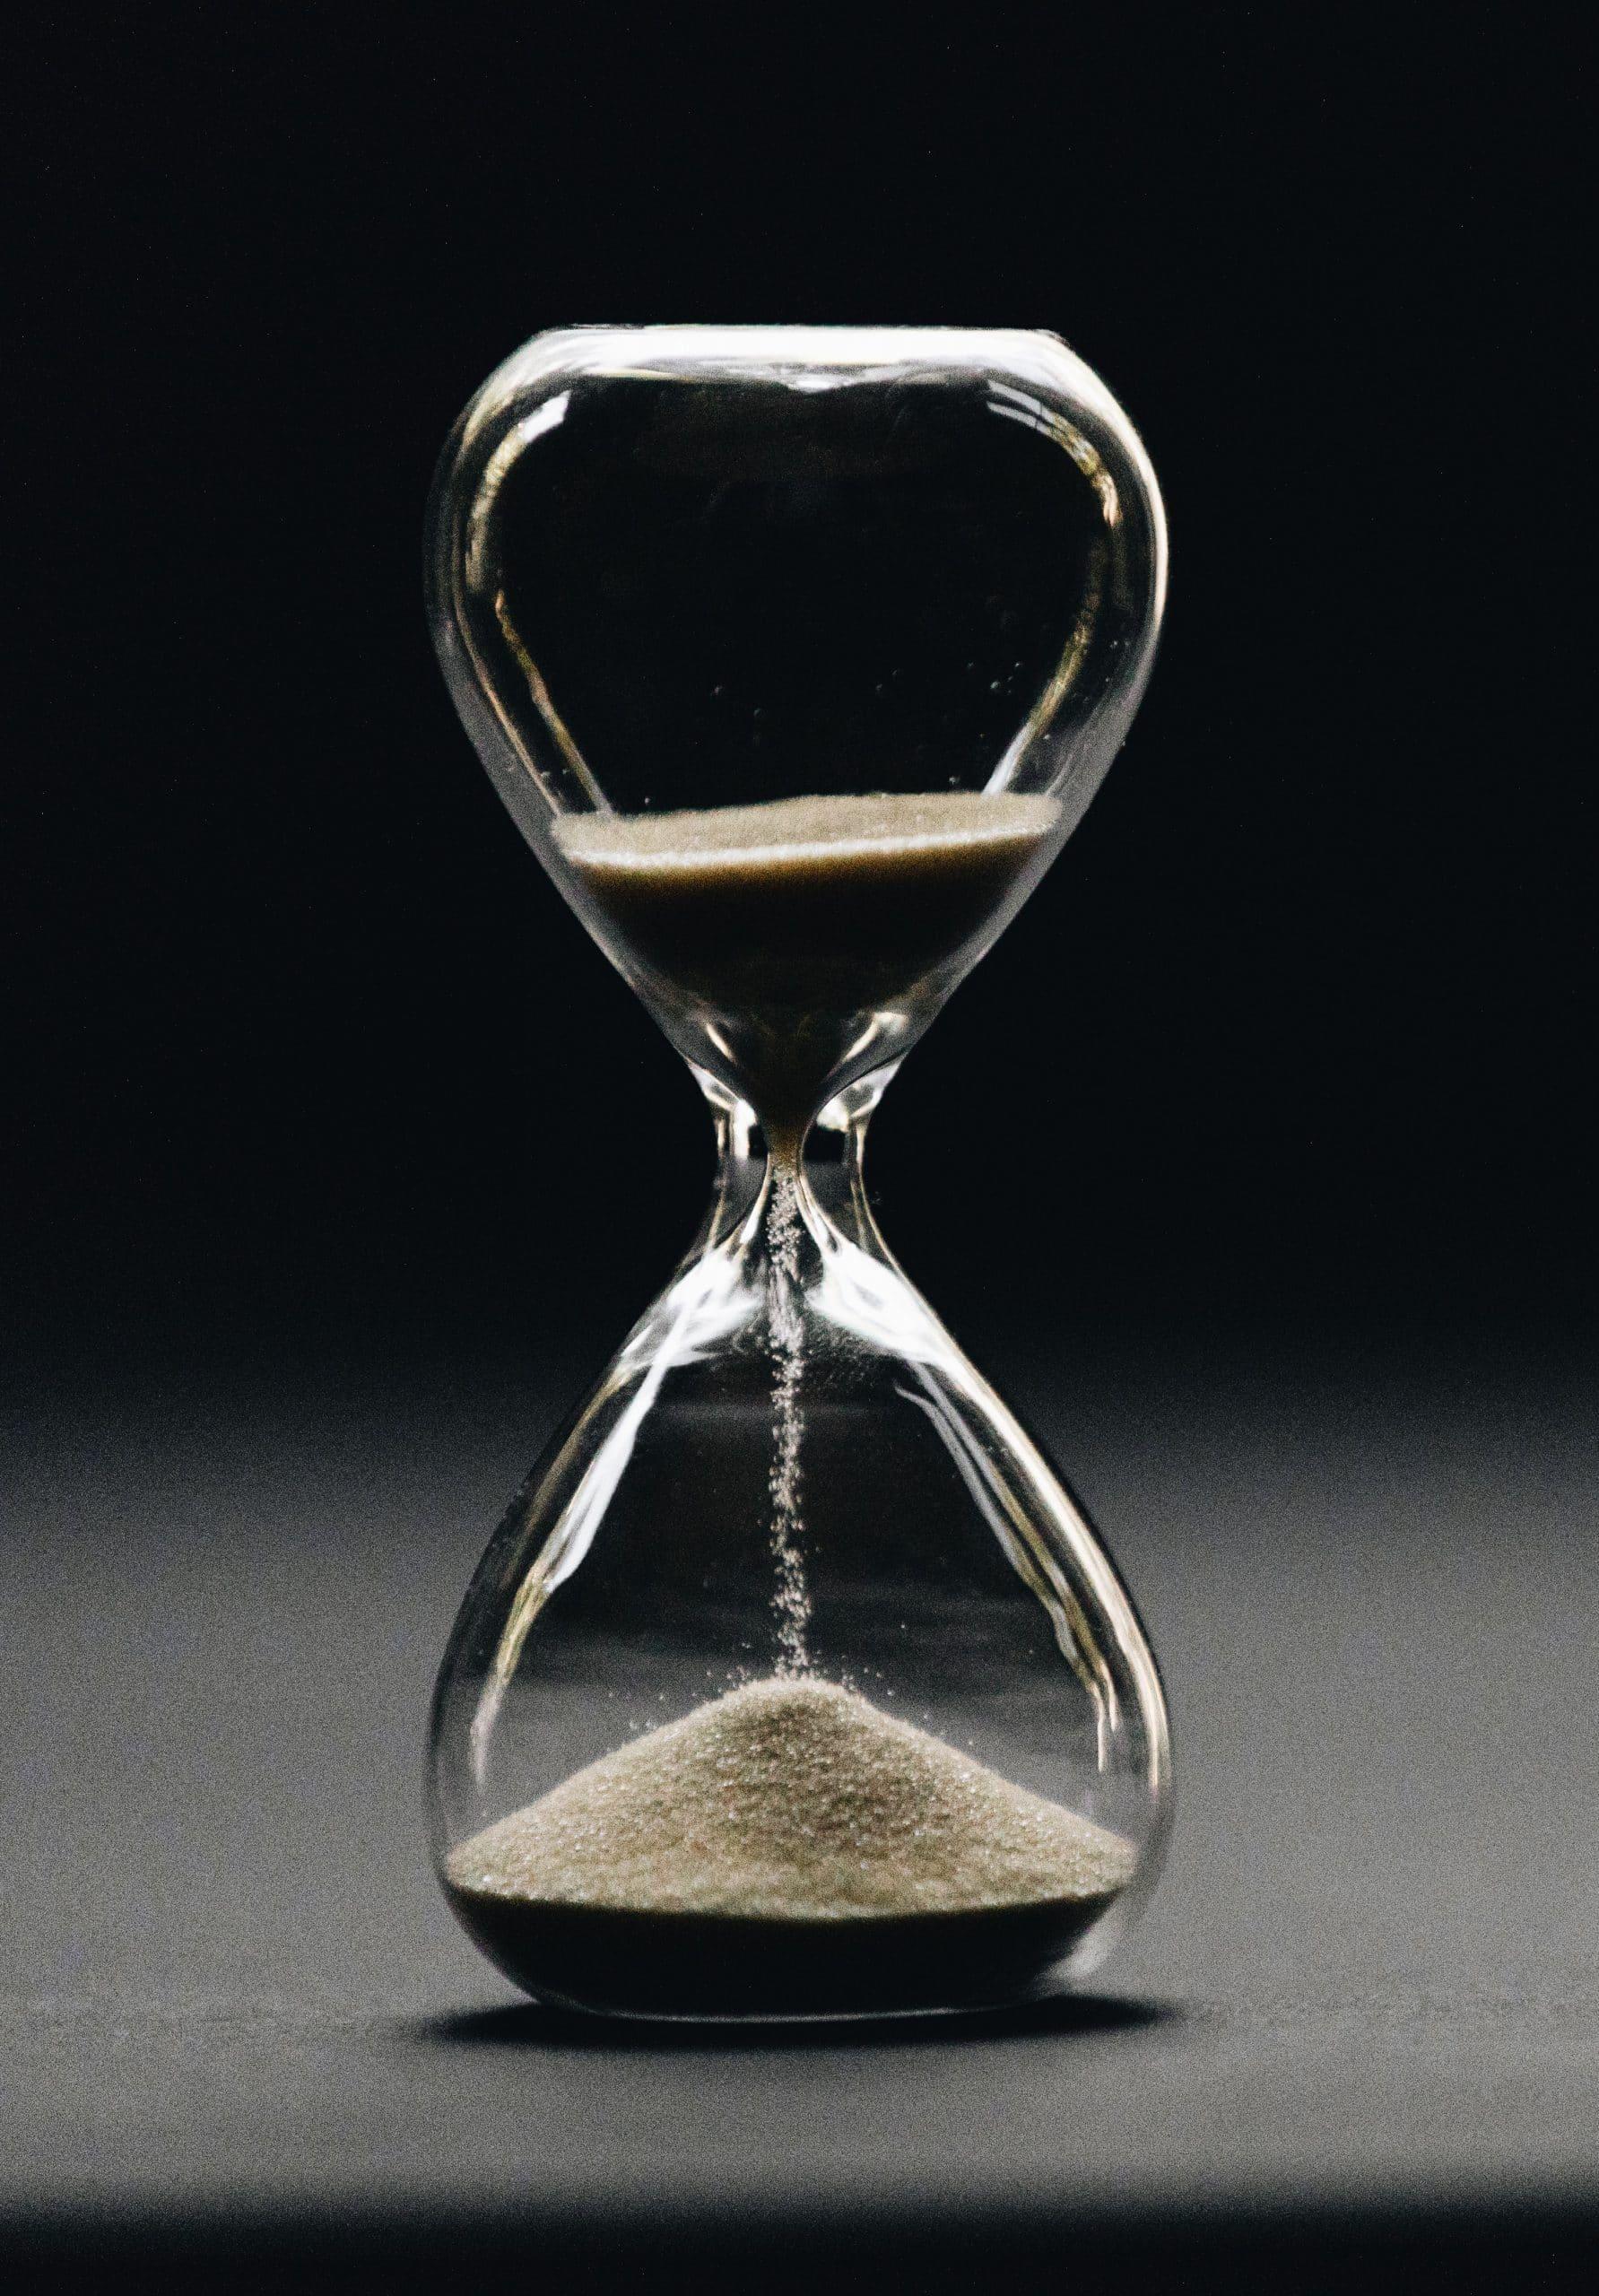 il tempo è il tuo vero lusso